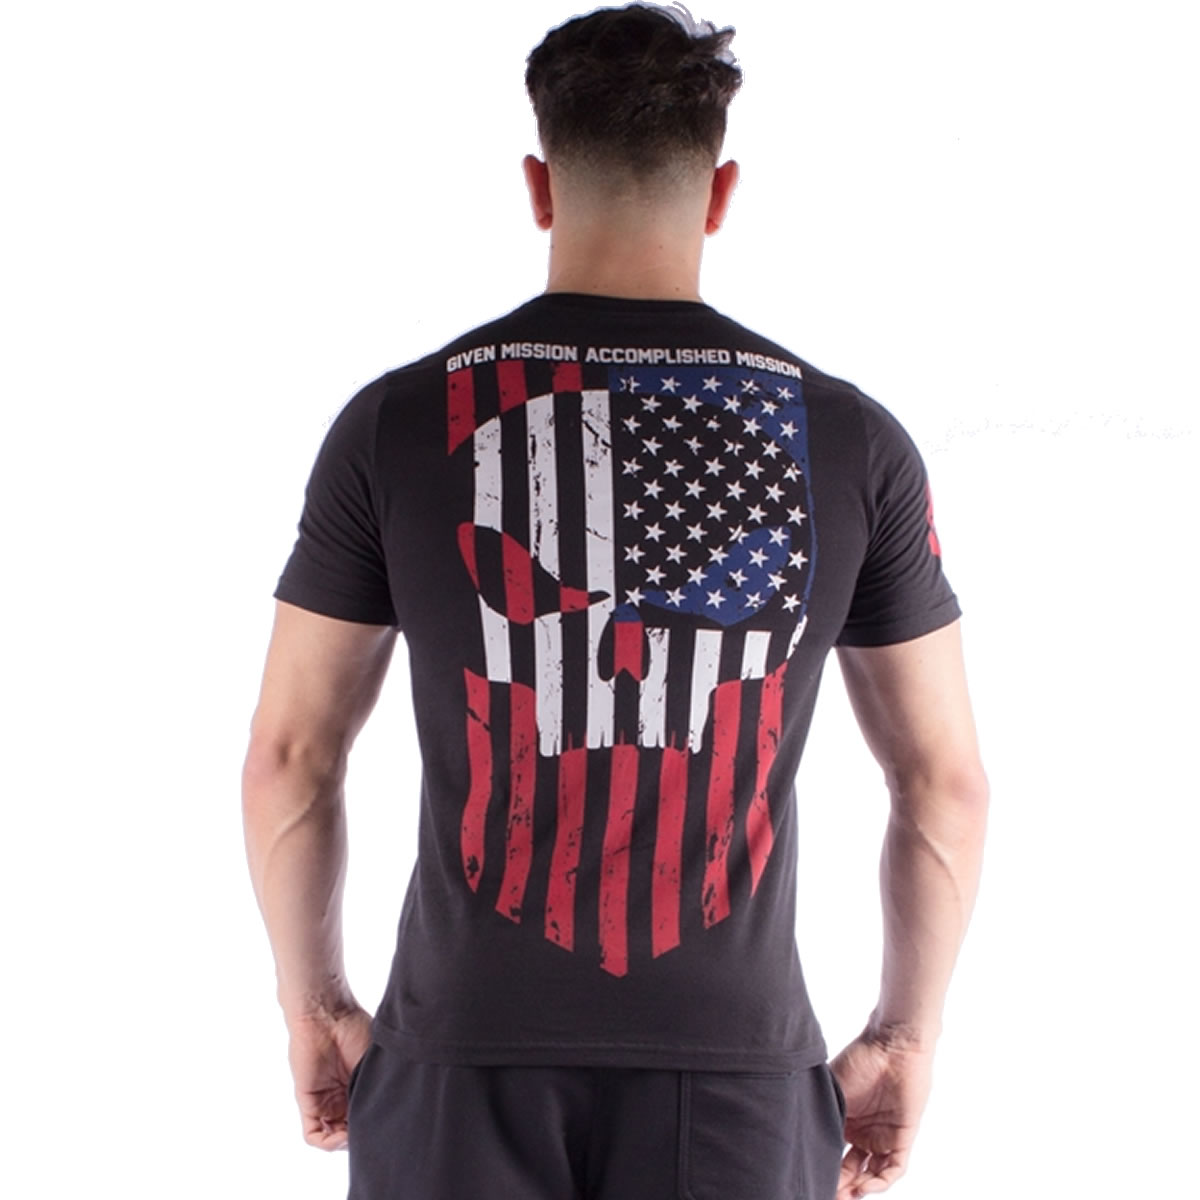 Camiseta Given Mission Accomplished Preta - Black Skull Clothing